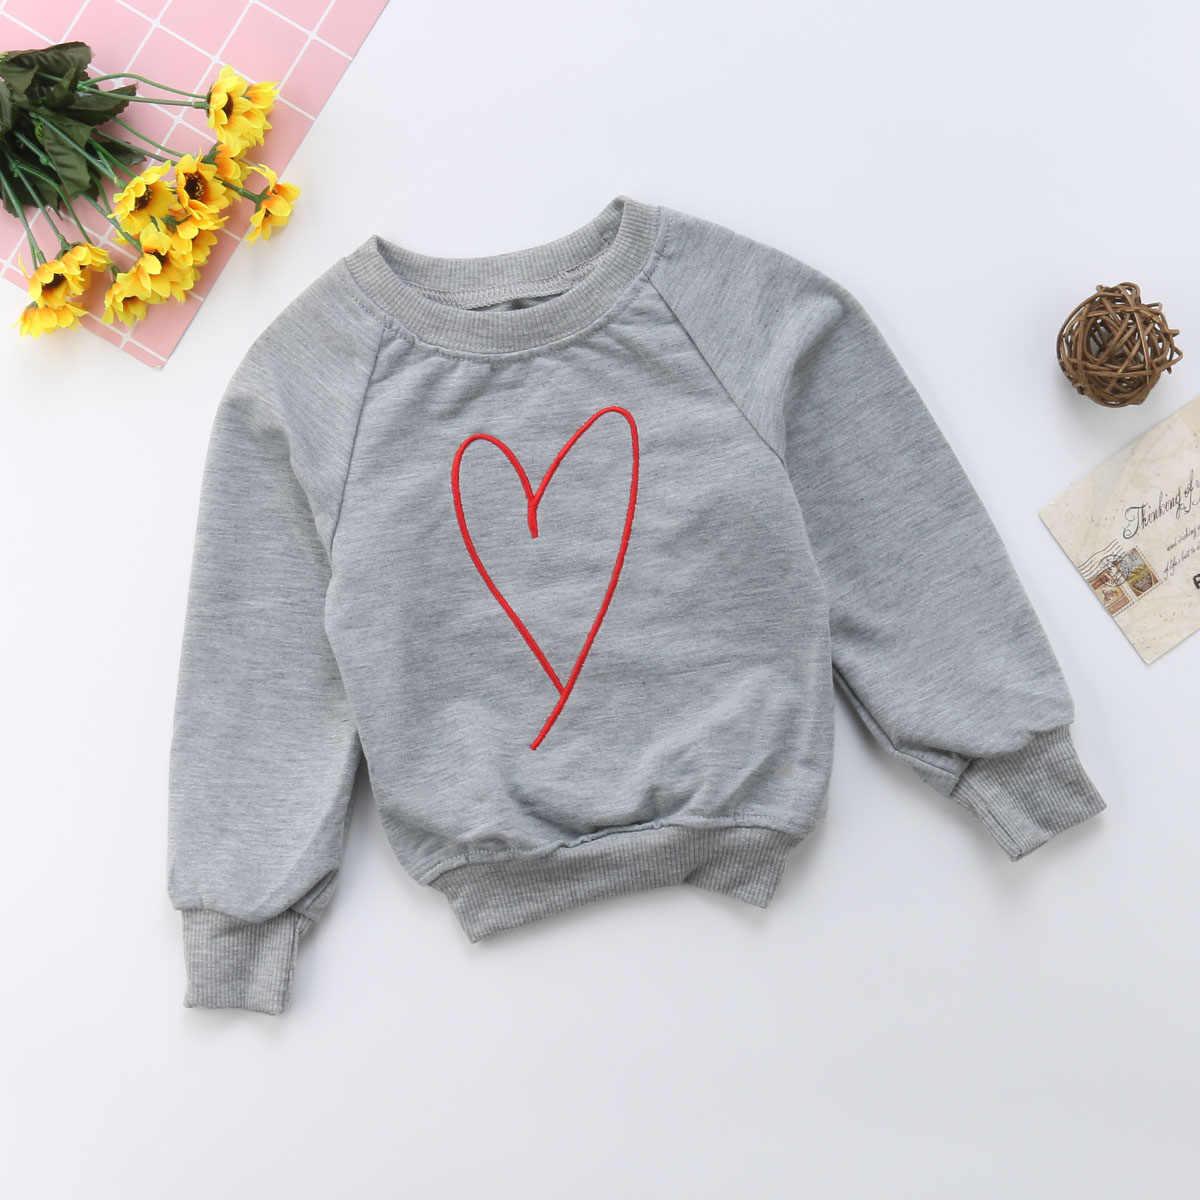 Nueva llegada mamá e hijo familia sudadera a juego Pullover Top, sudadera con estampado de corazón camiseta Top juego trajes 1-5 y